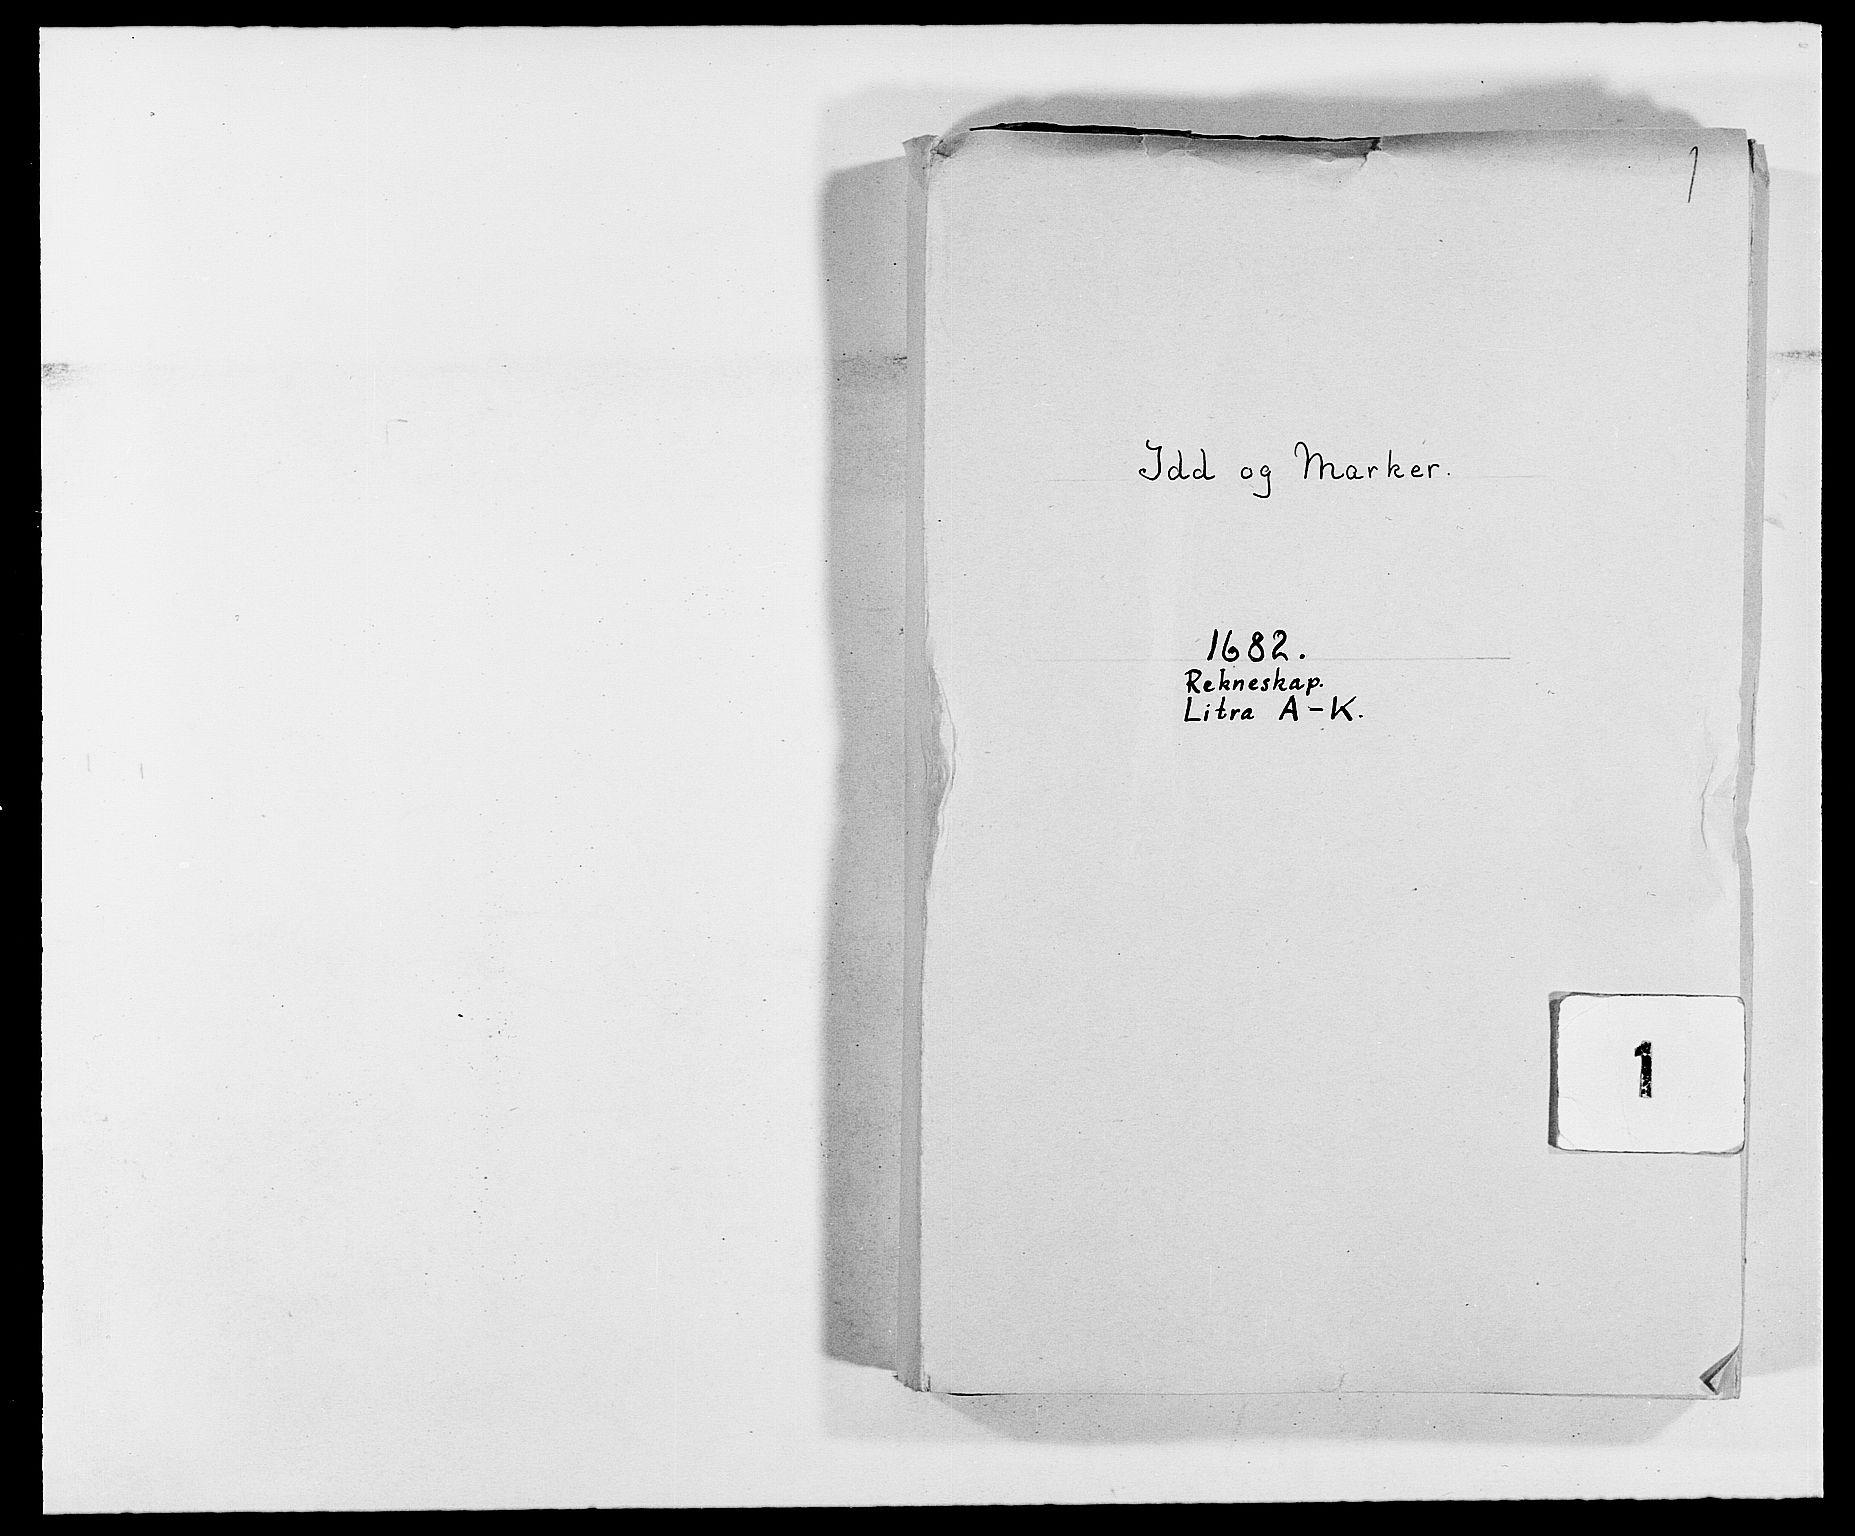 RA, Rentekammeret inntil 1814, Reviderte regnskaper, Fogderegnskap, R01/L0004: Fogderegnskap Idd og Marker , 1682-1683, s. 1